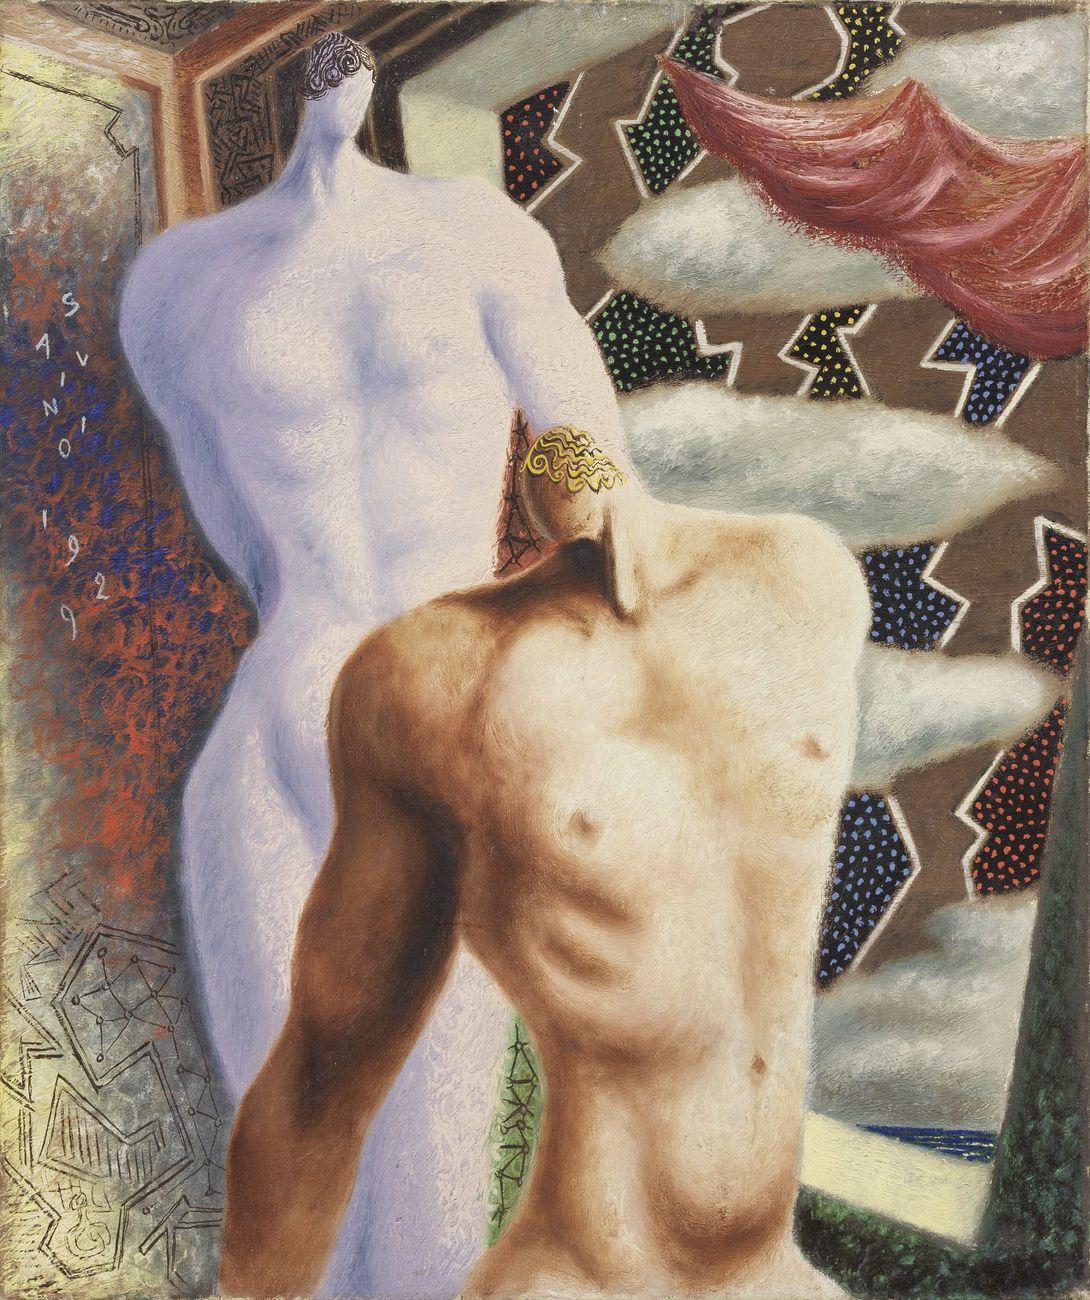 Les Dioscures, 1929, olio su tela, 65 x 54 cm Milano, collezione Prada. Courtesy Farsettiarte, Prato © Alberto Savinio by SIAE 2021